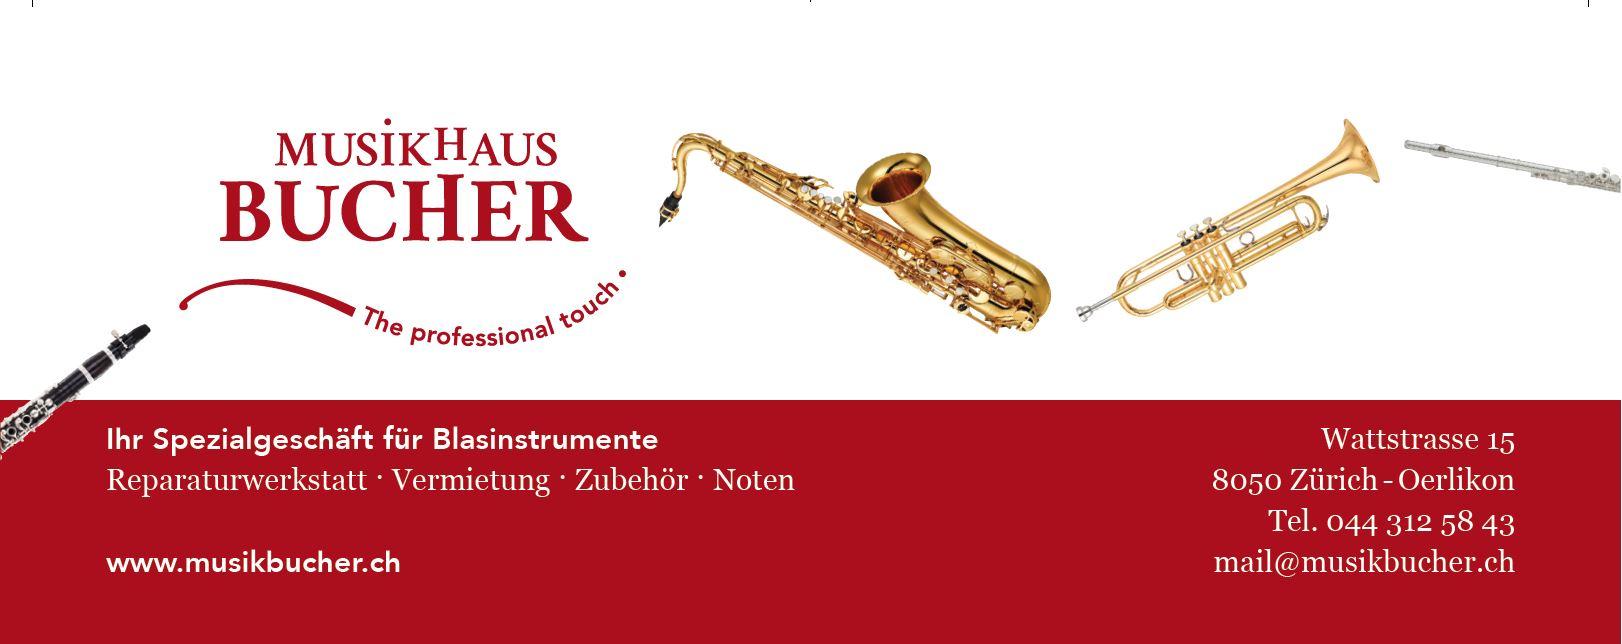 Musikhaus Bucher